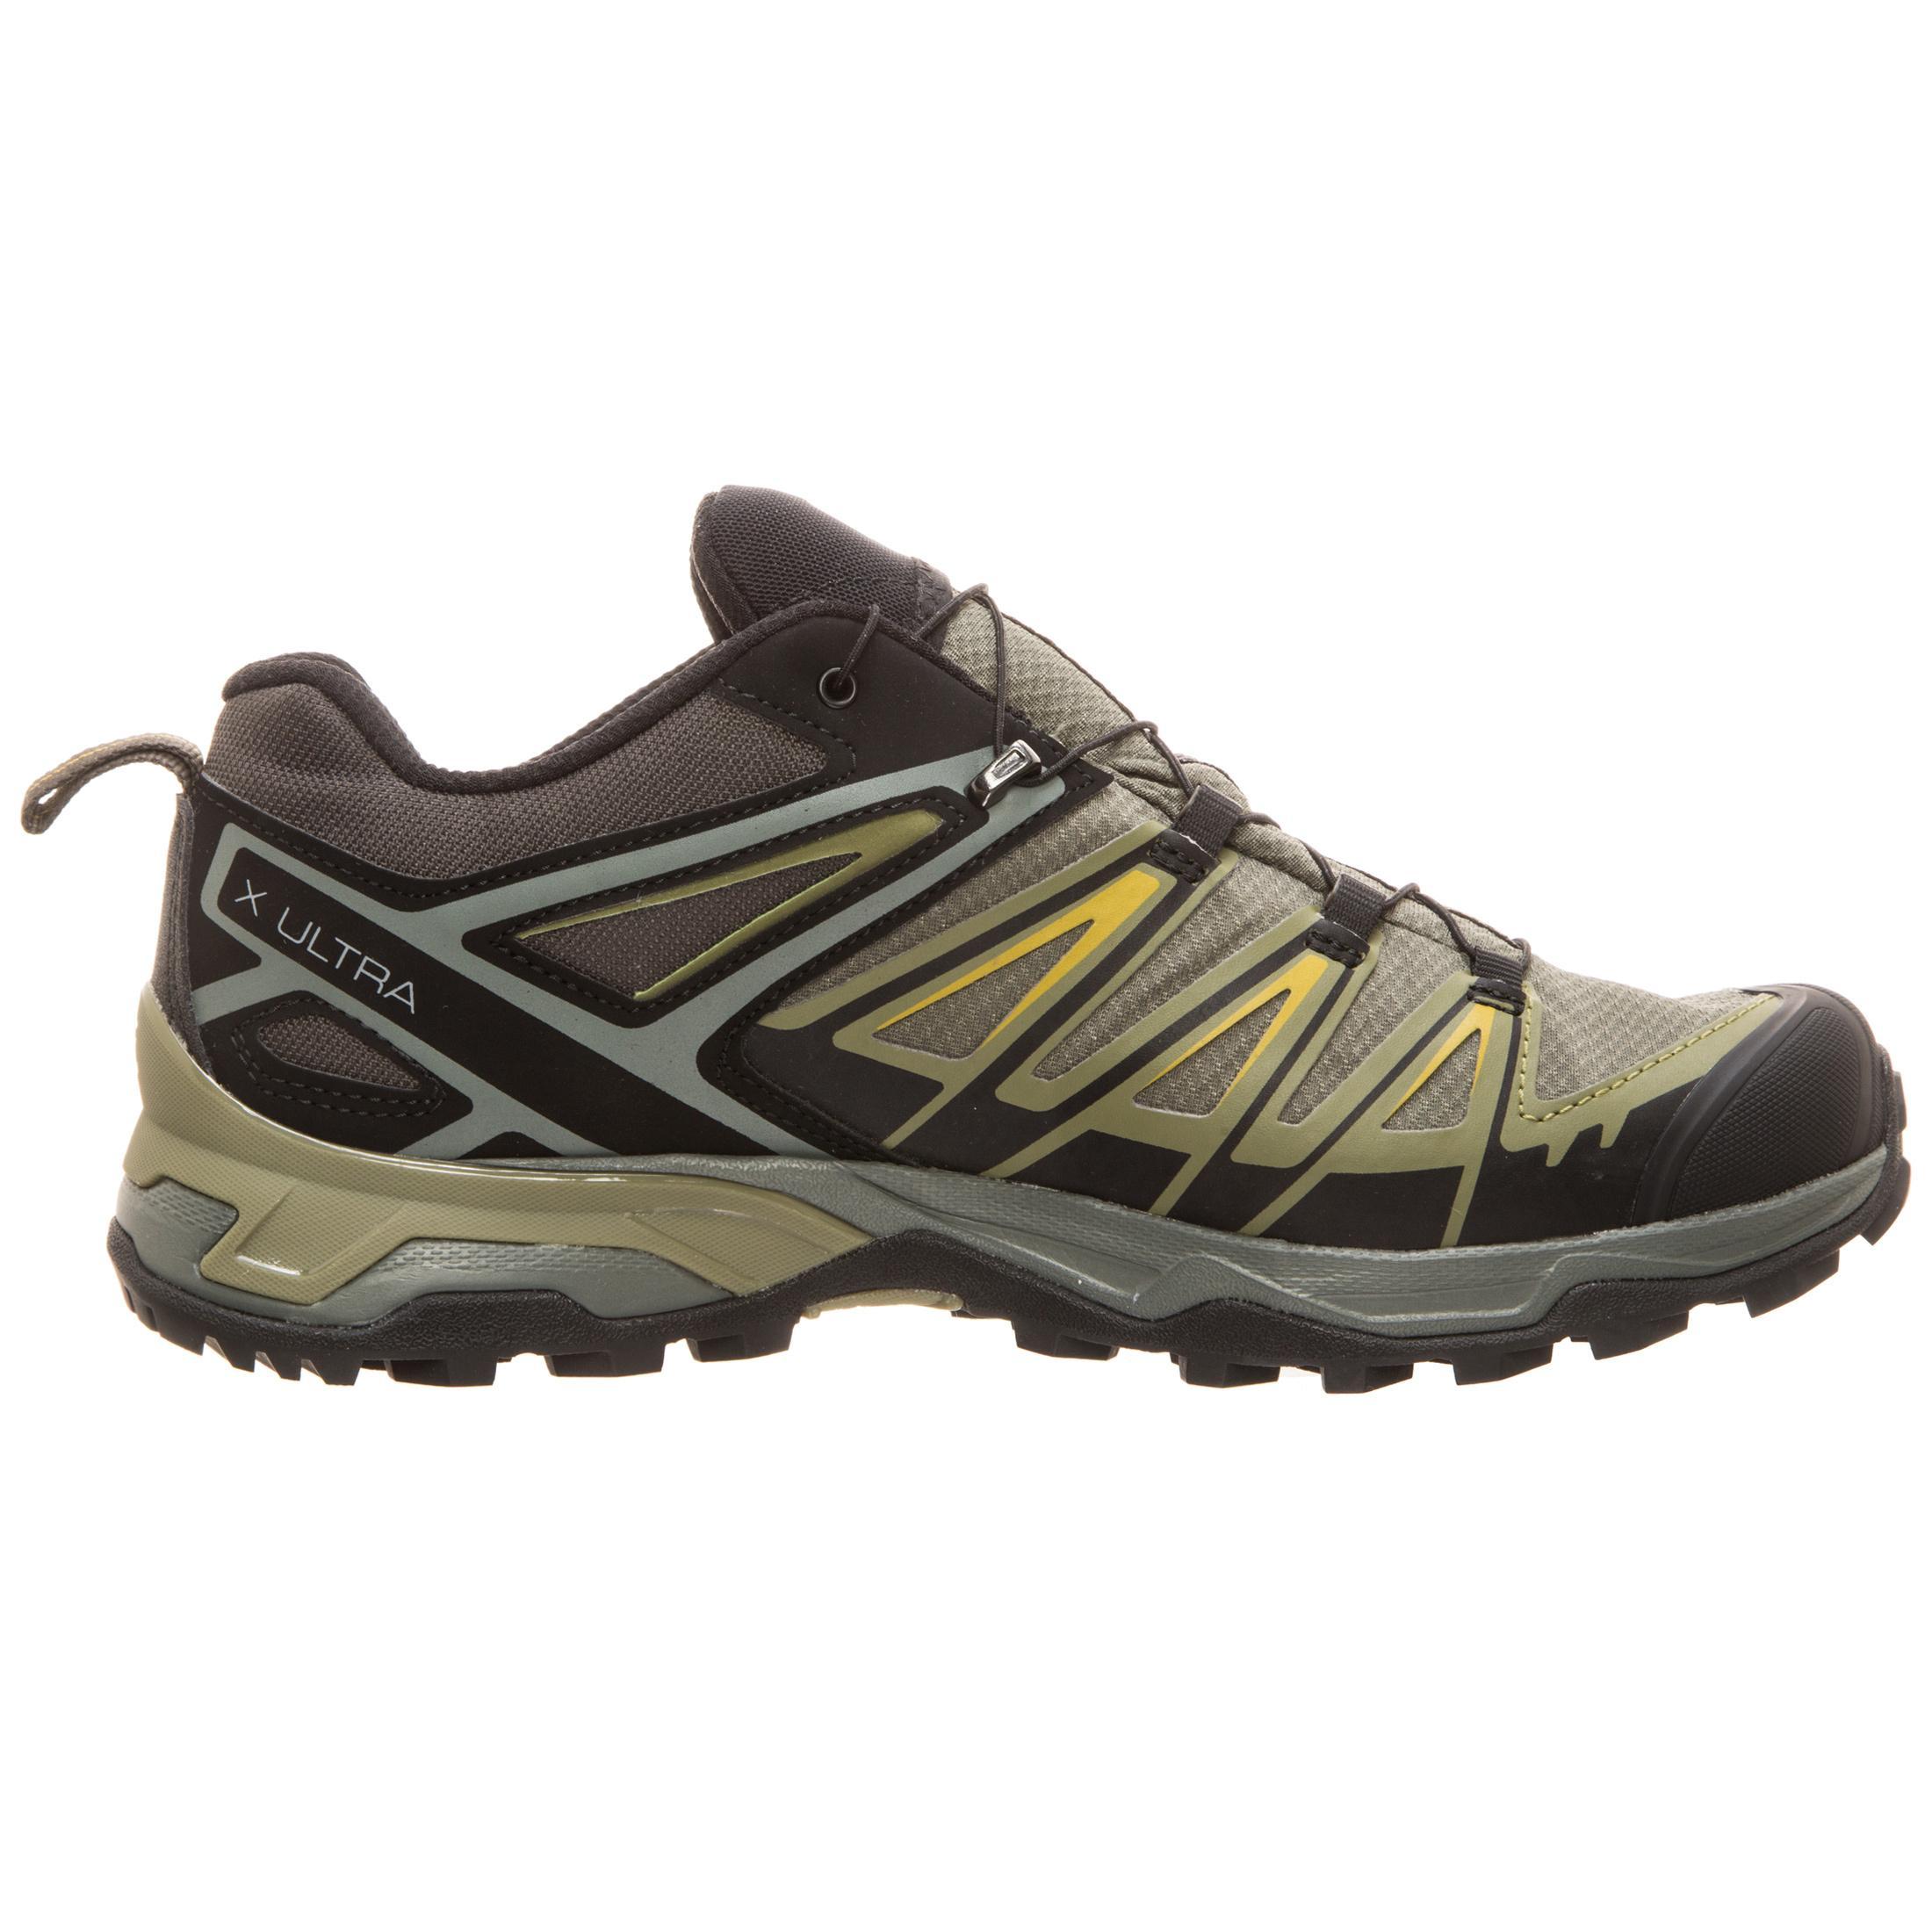 Salomon X Ultra 3 GTX Laufschuhe Herren khaki     schwarz im Online Shop von SportScheck kaufen Gute Qualität beliebte Schuhe d324aa